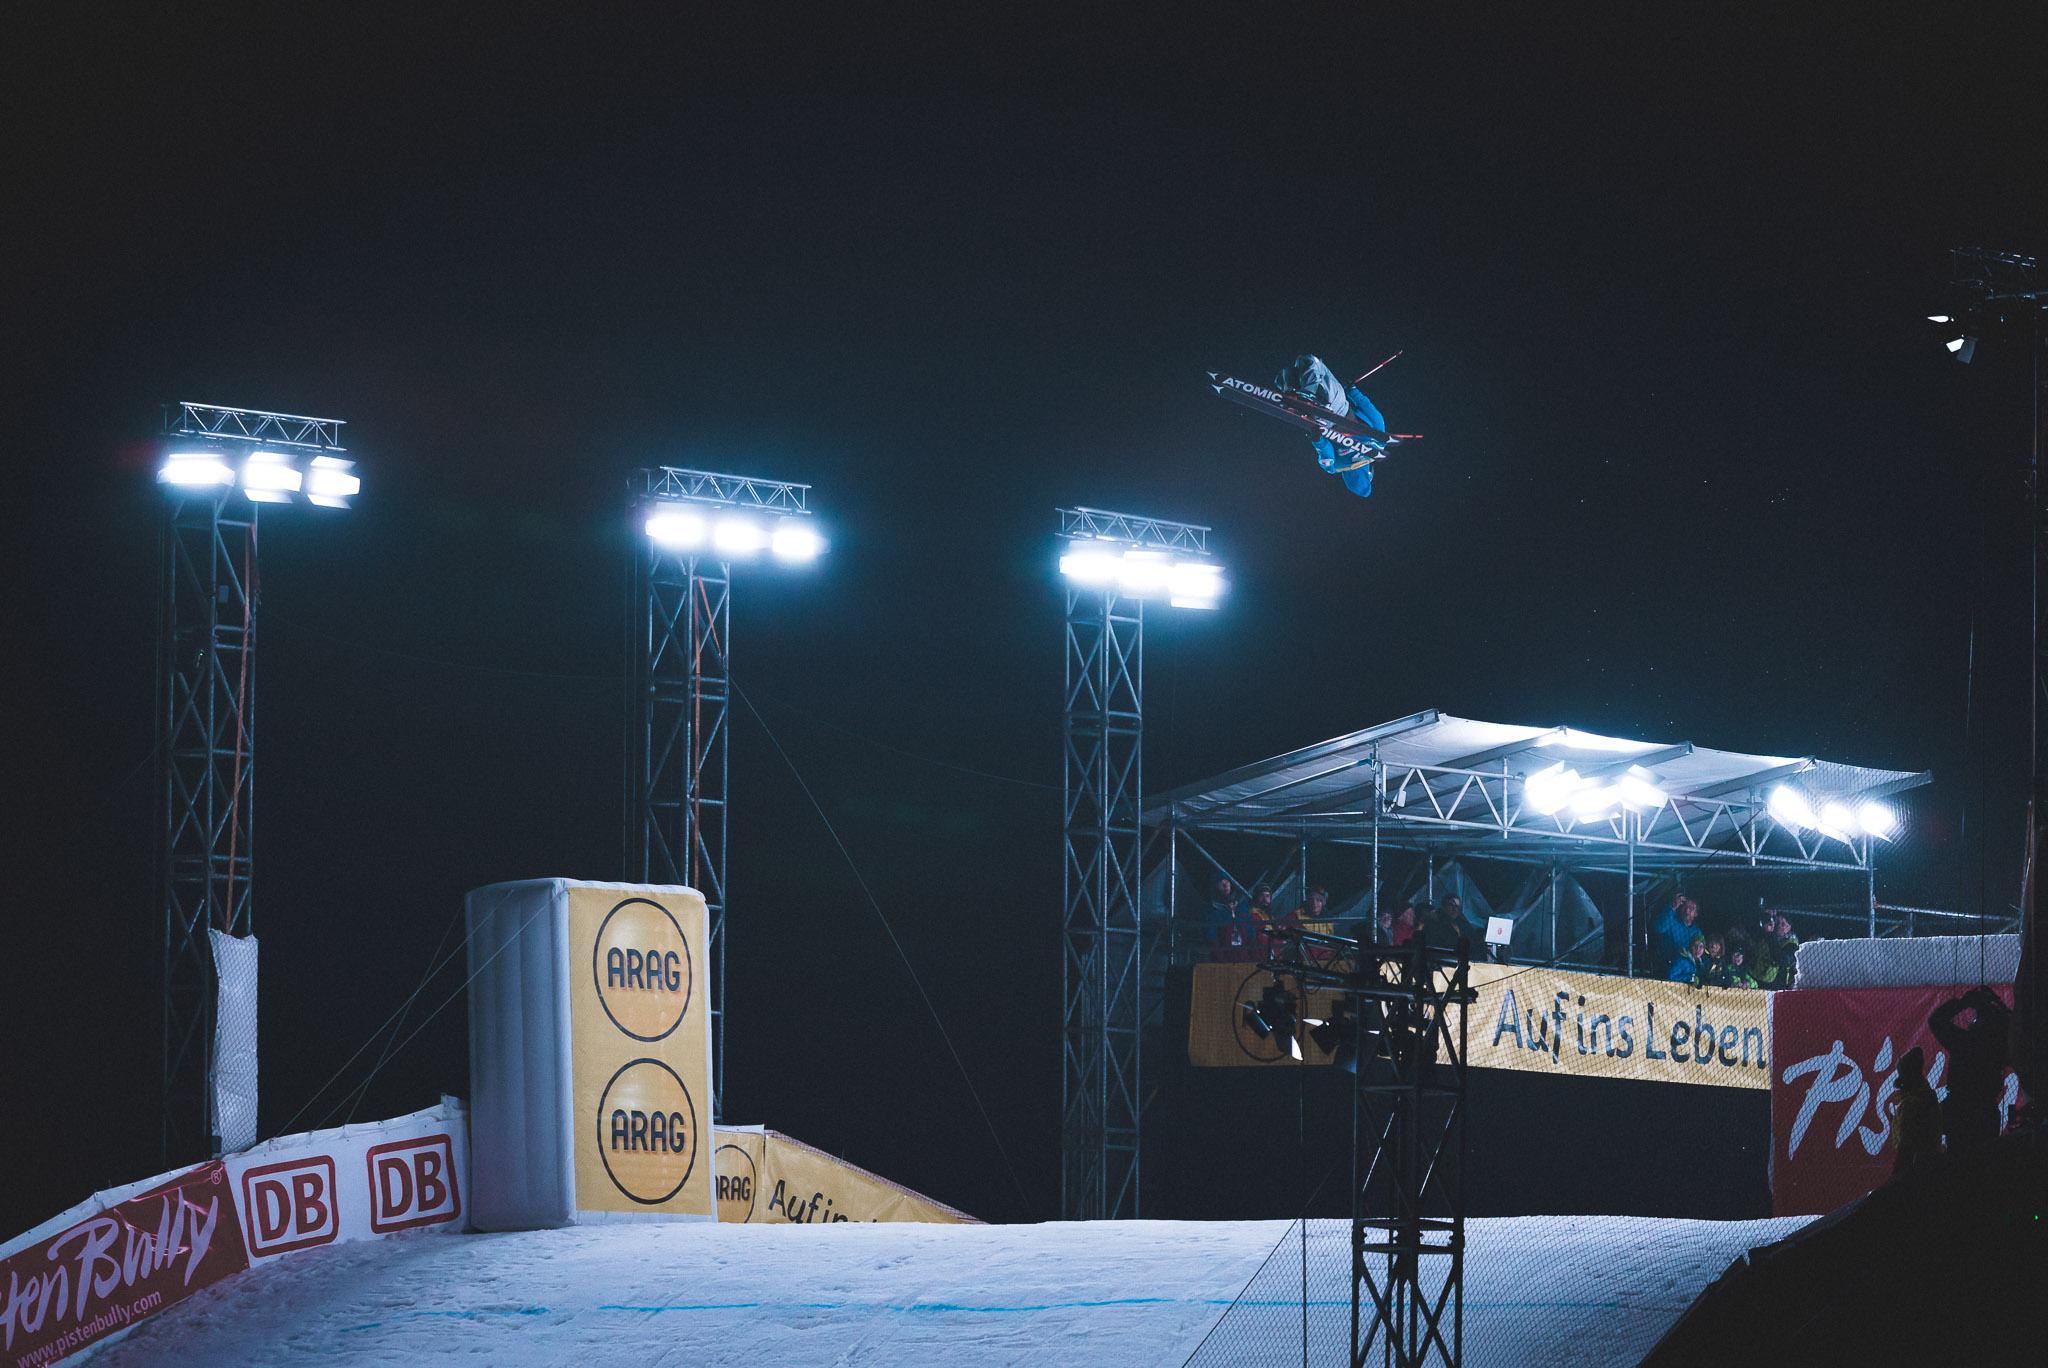 Solche Bilder wird es in der kommenden Wintersaison 19/20 leider nicht mehr aus Deutschland geben - Rider: Ralph Welponer (ITA)